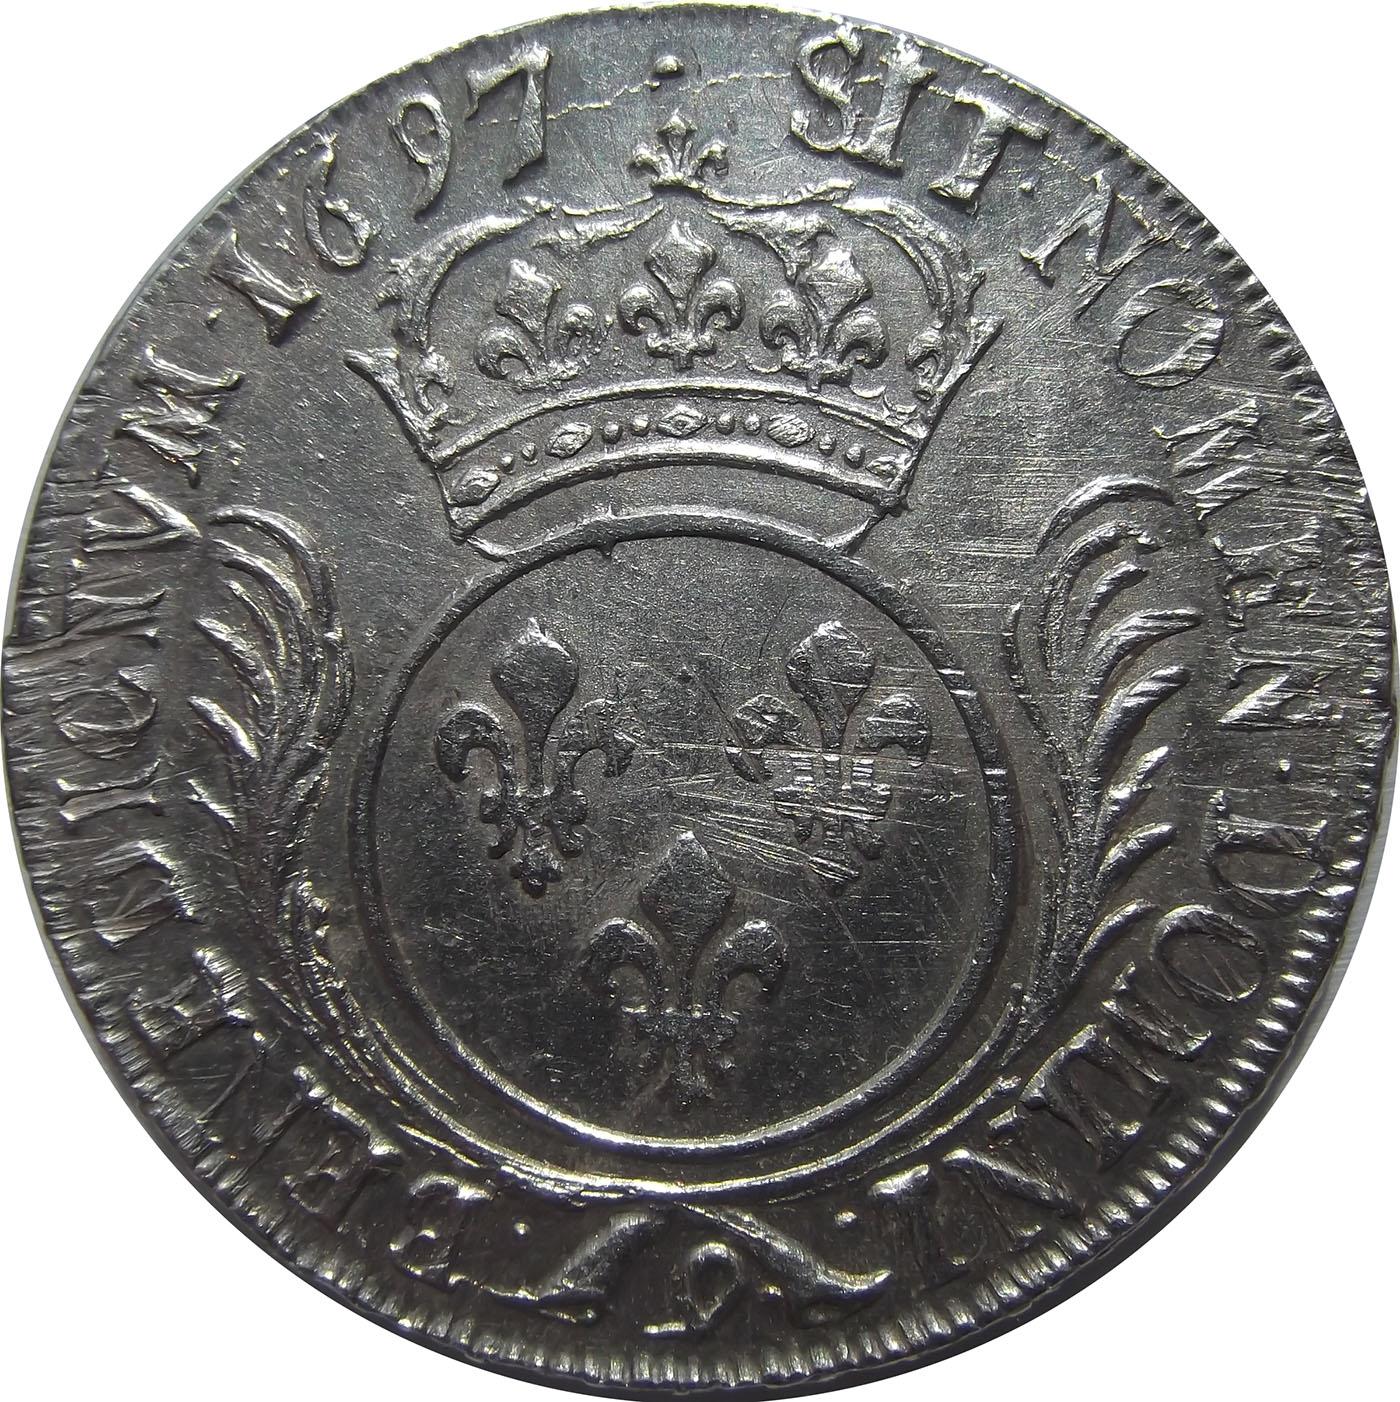 Rencontre numismatique